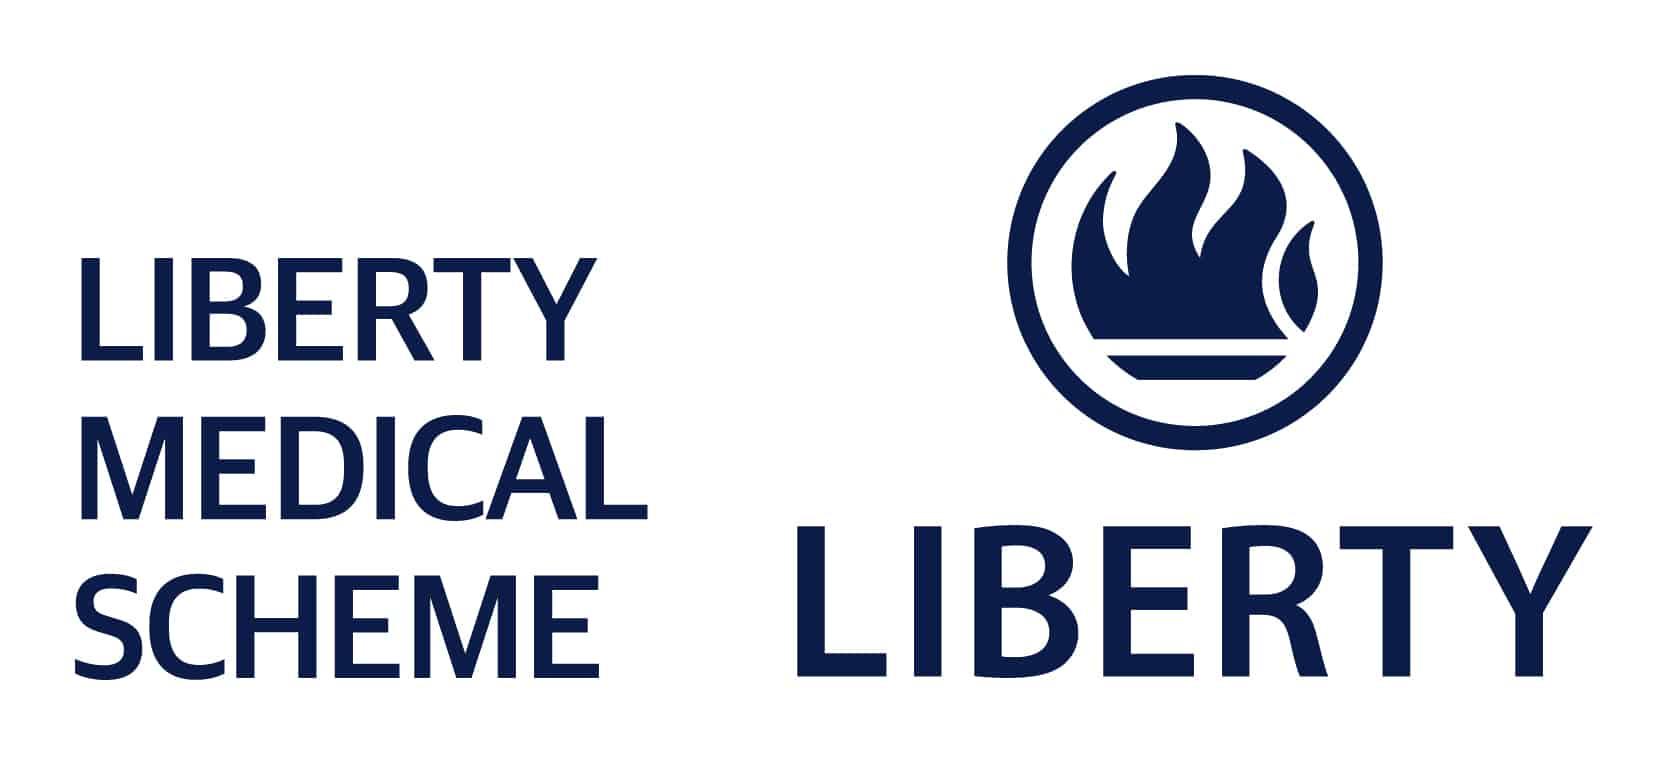 Liberty Medical Scheme